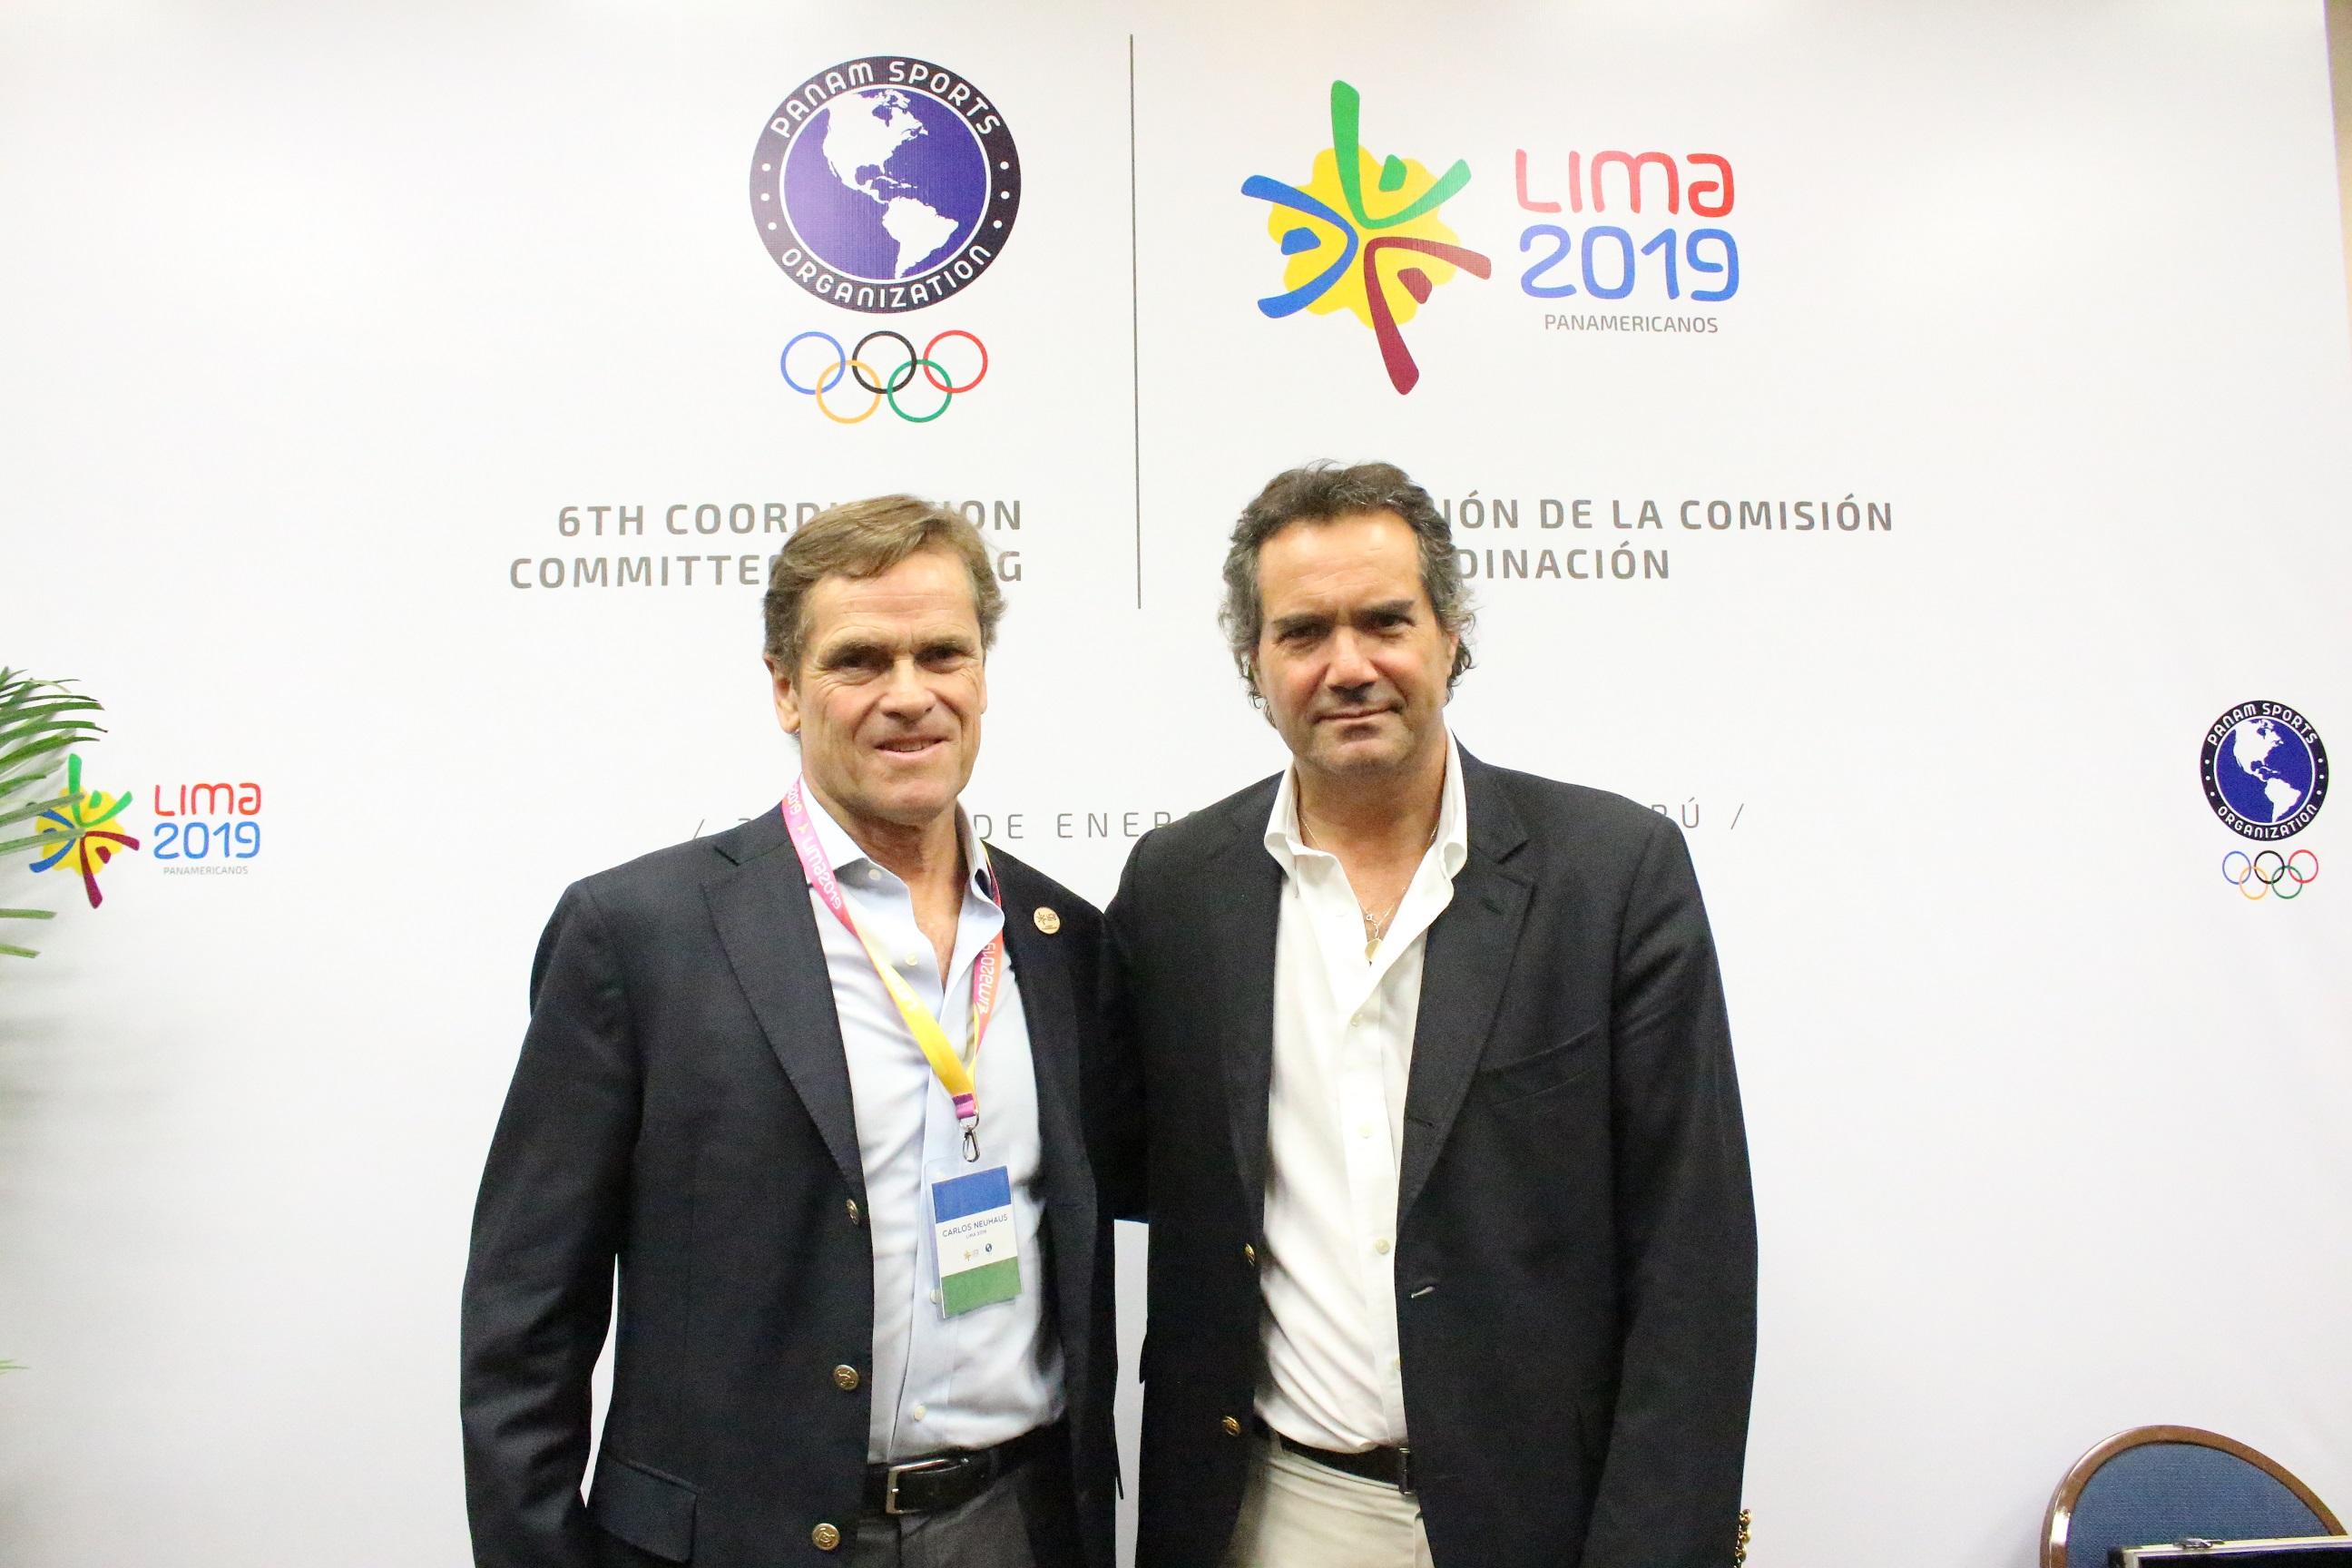 Carlos Neuhaus y Neven Ilic - Principal